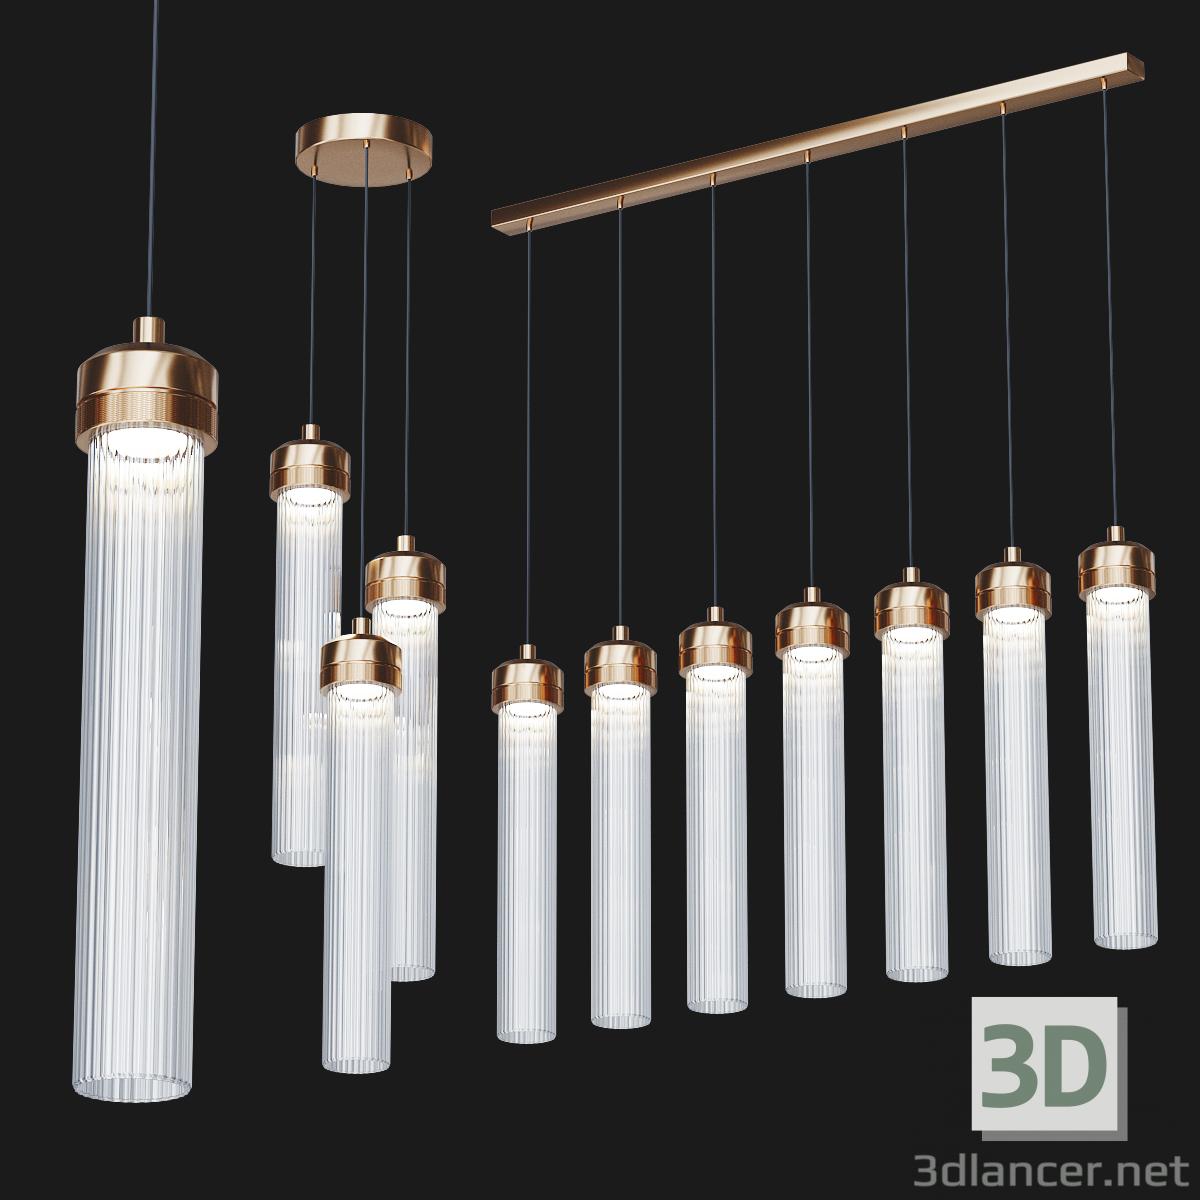 3d Sparkling barrel model buy - render